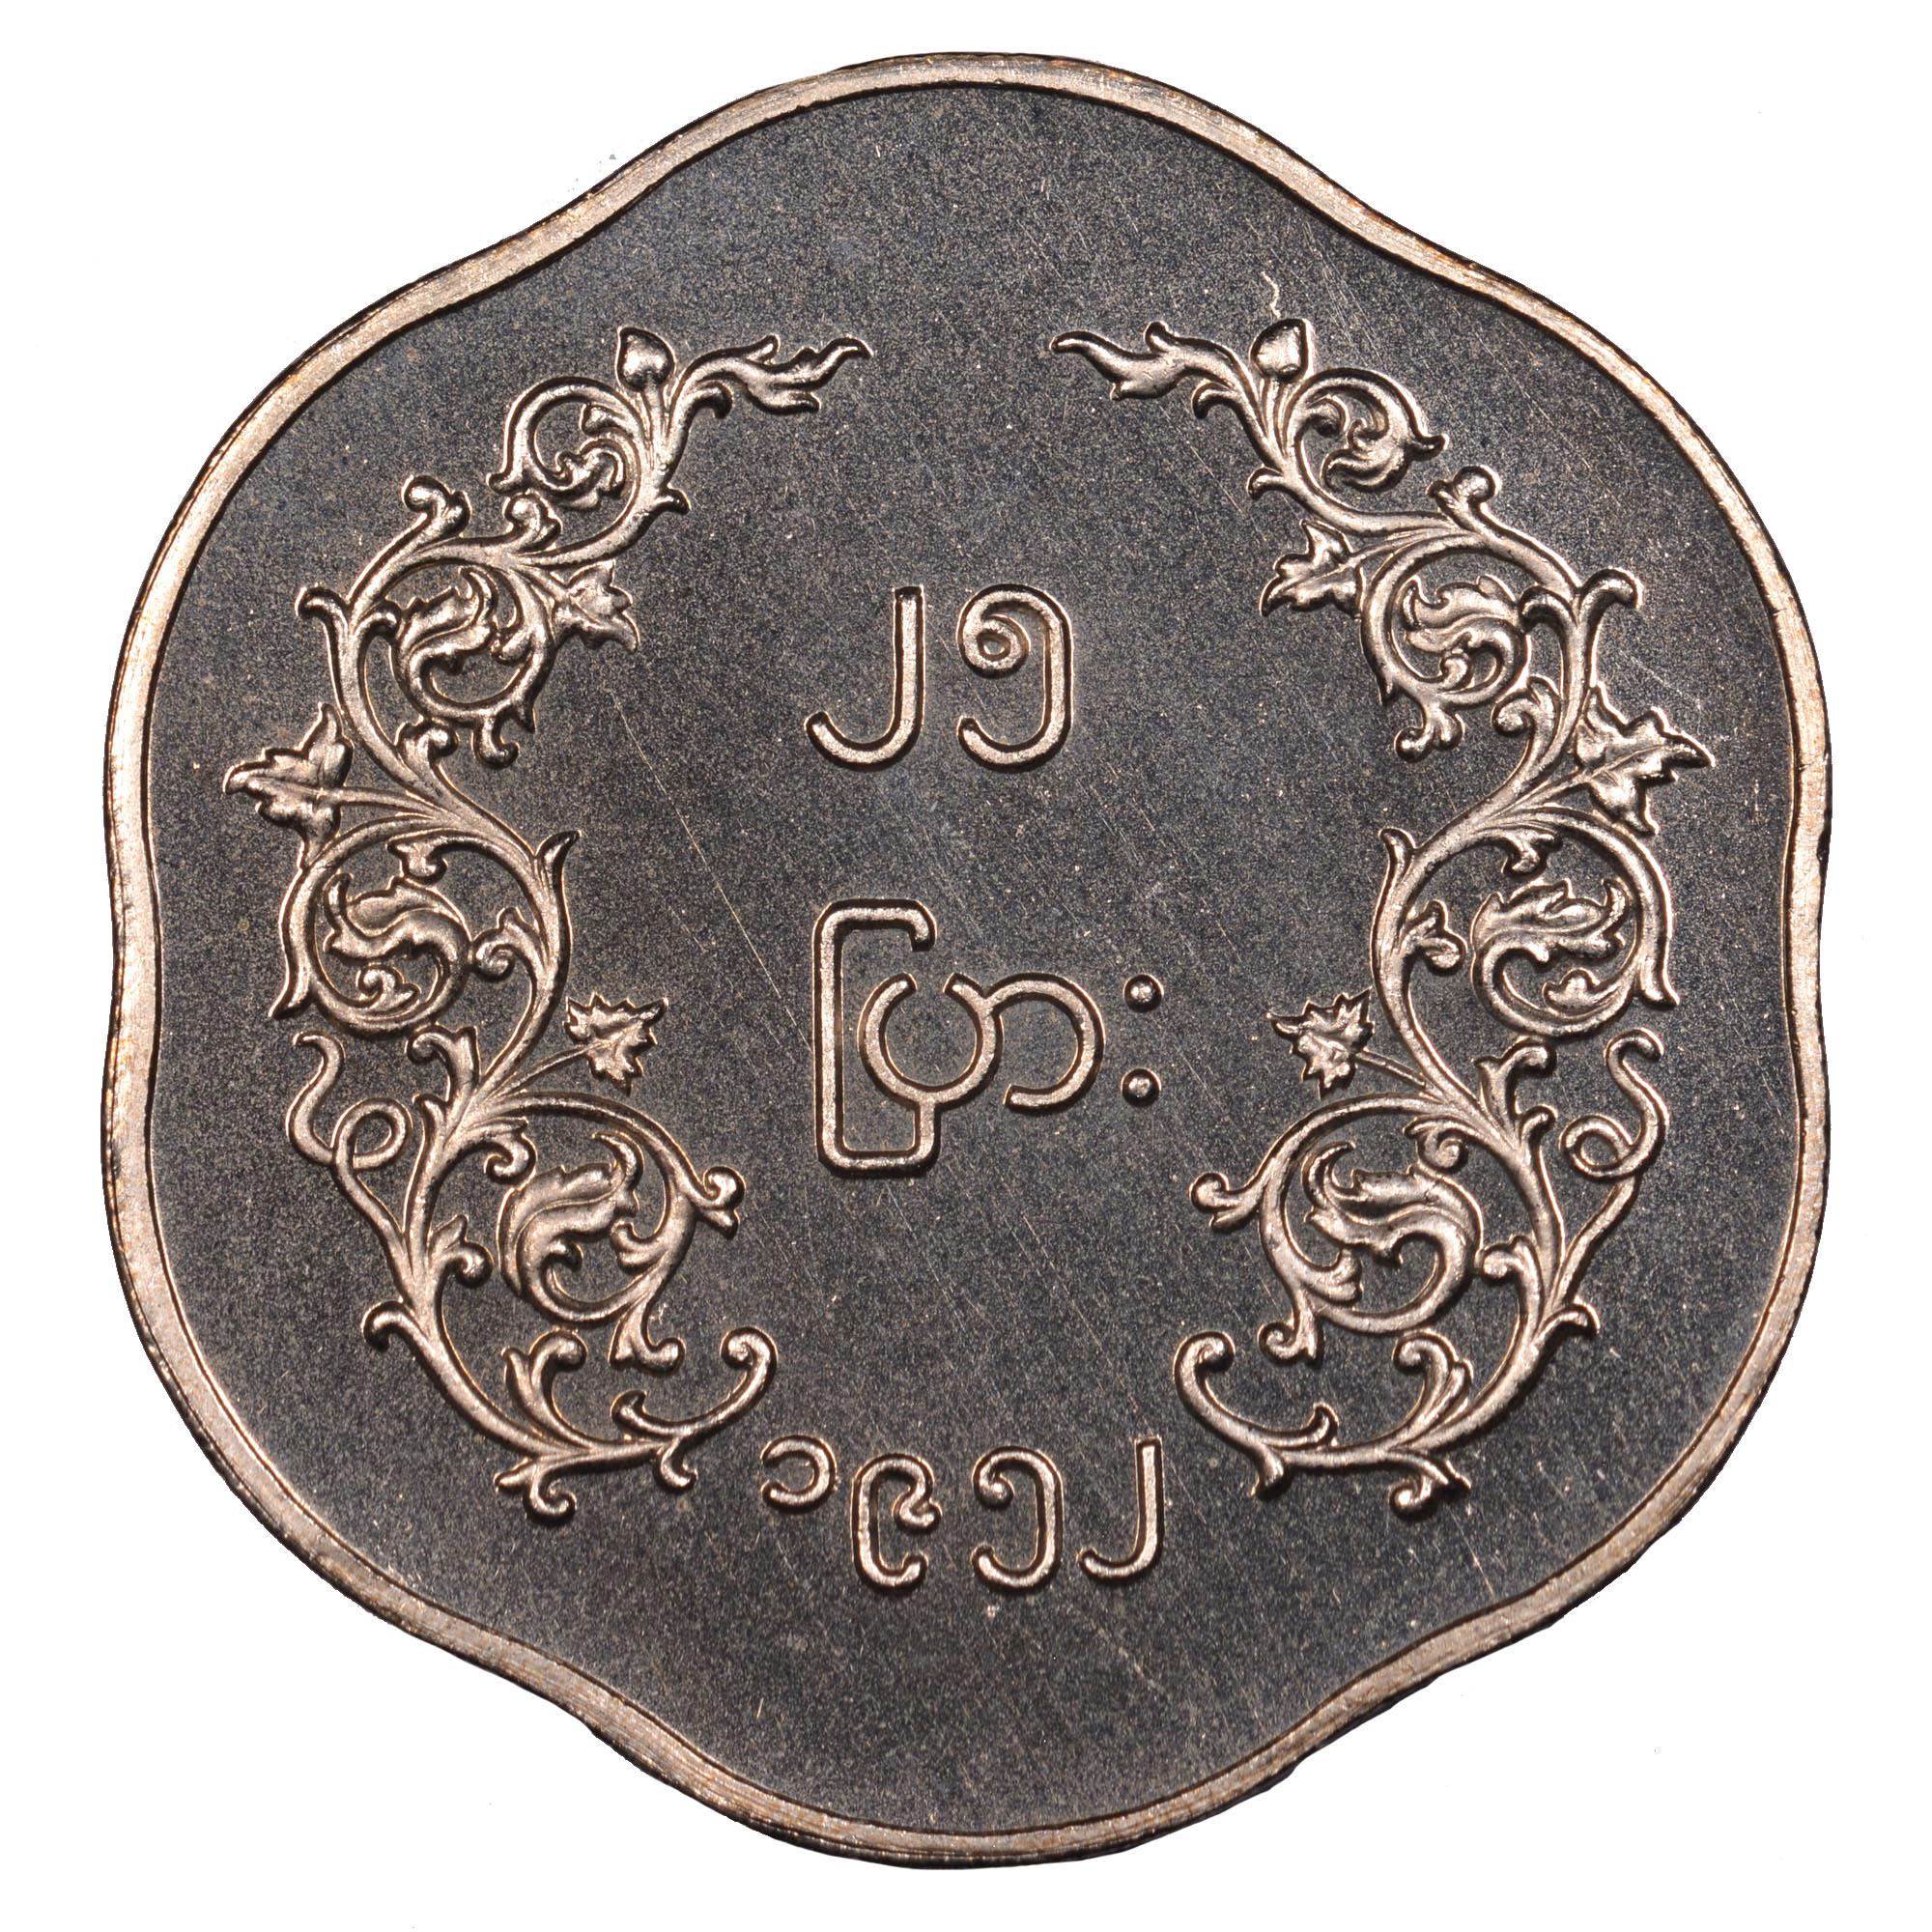 1952-1965 Myanmar 25 Pyas reverse